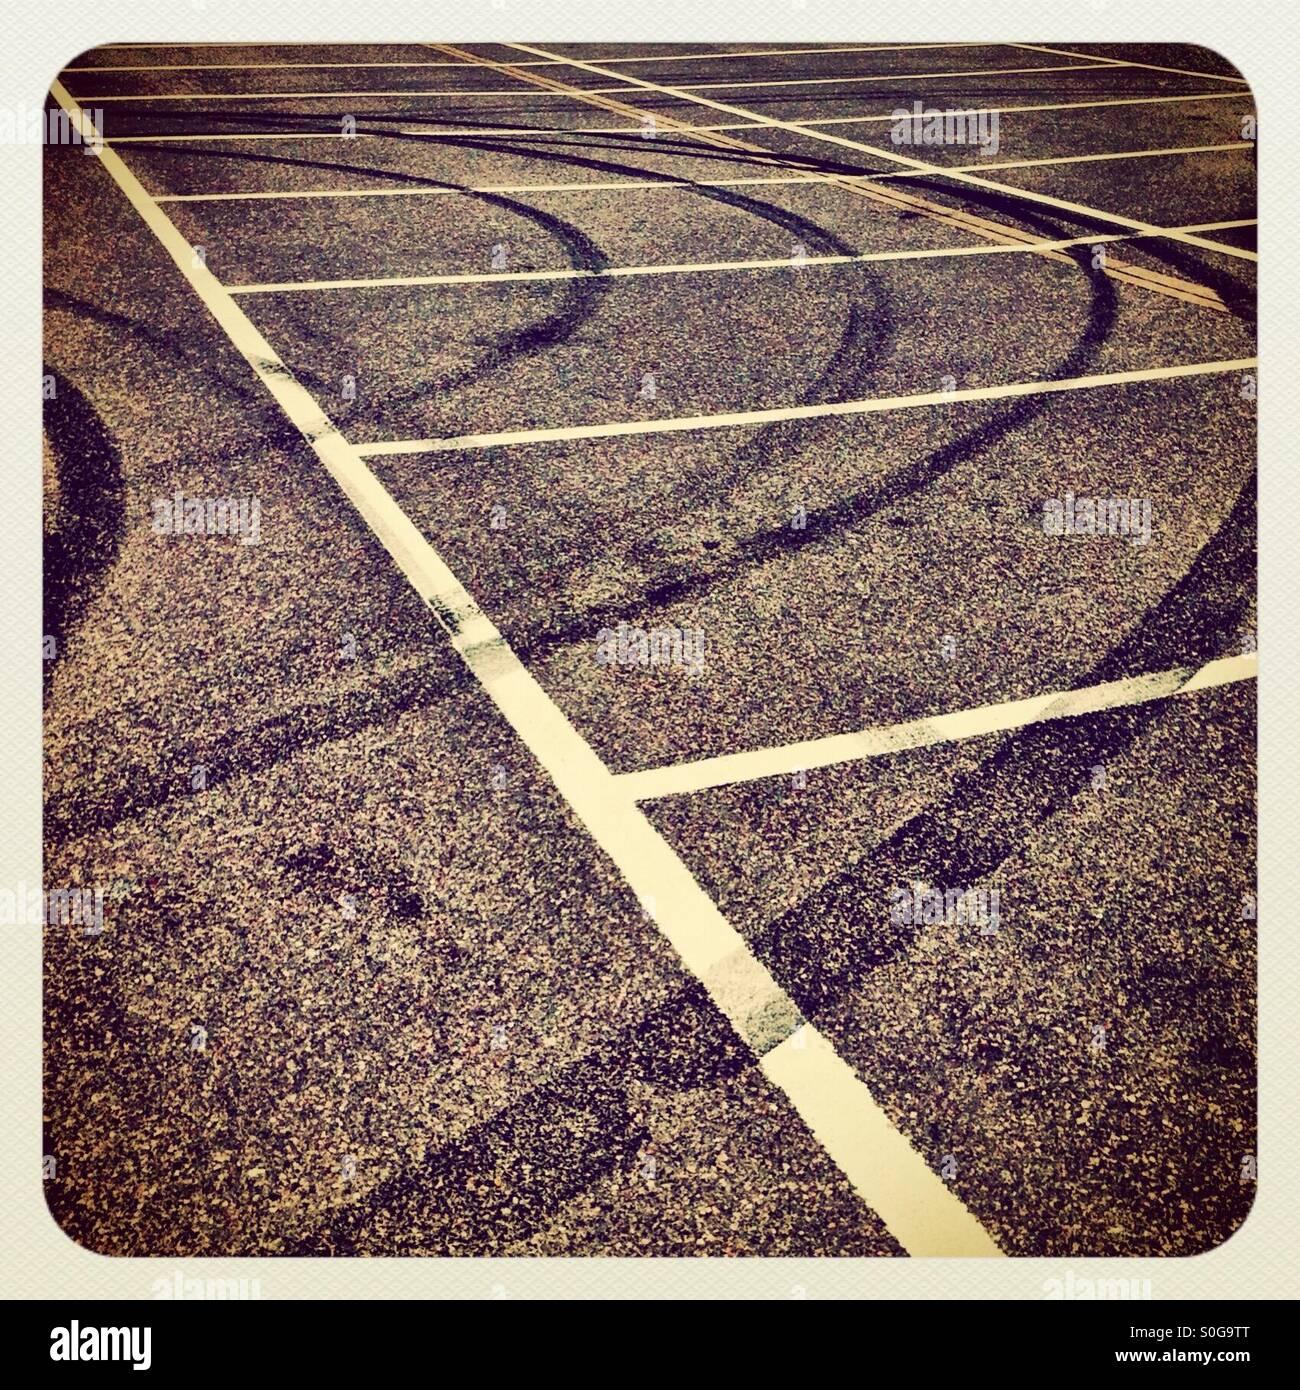 Segni di slittamento in un parcheggio Immagini Stock